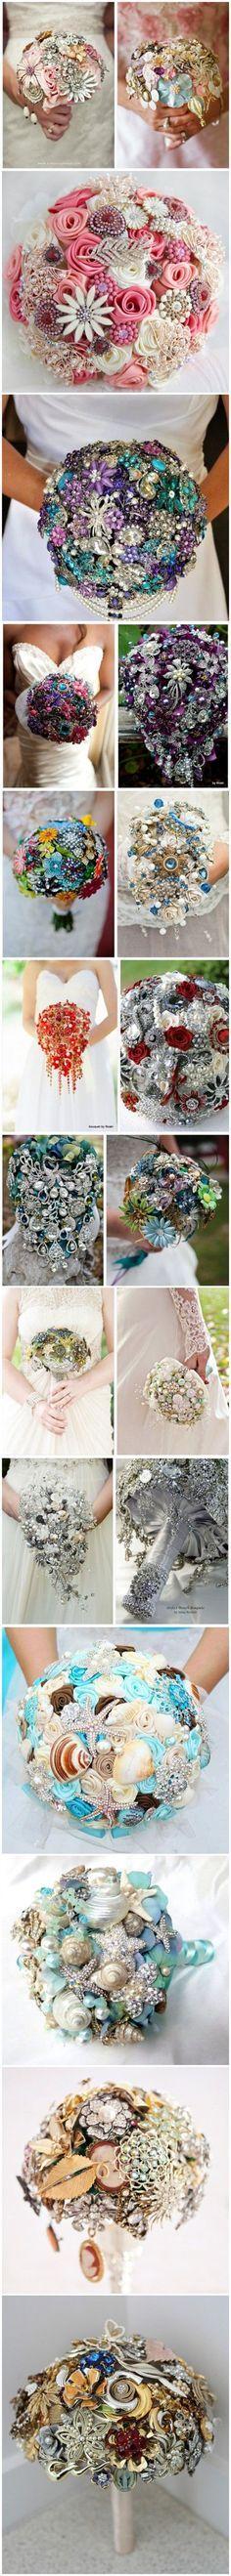 DIY Brooch Bouquets                                                                                                                                                                                 More